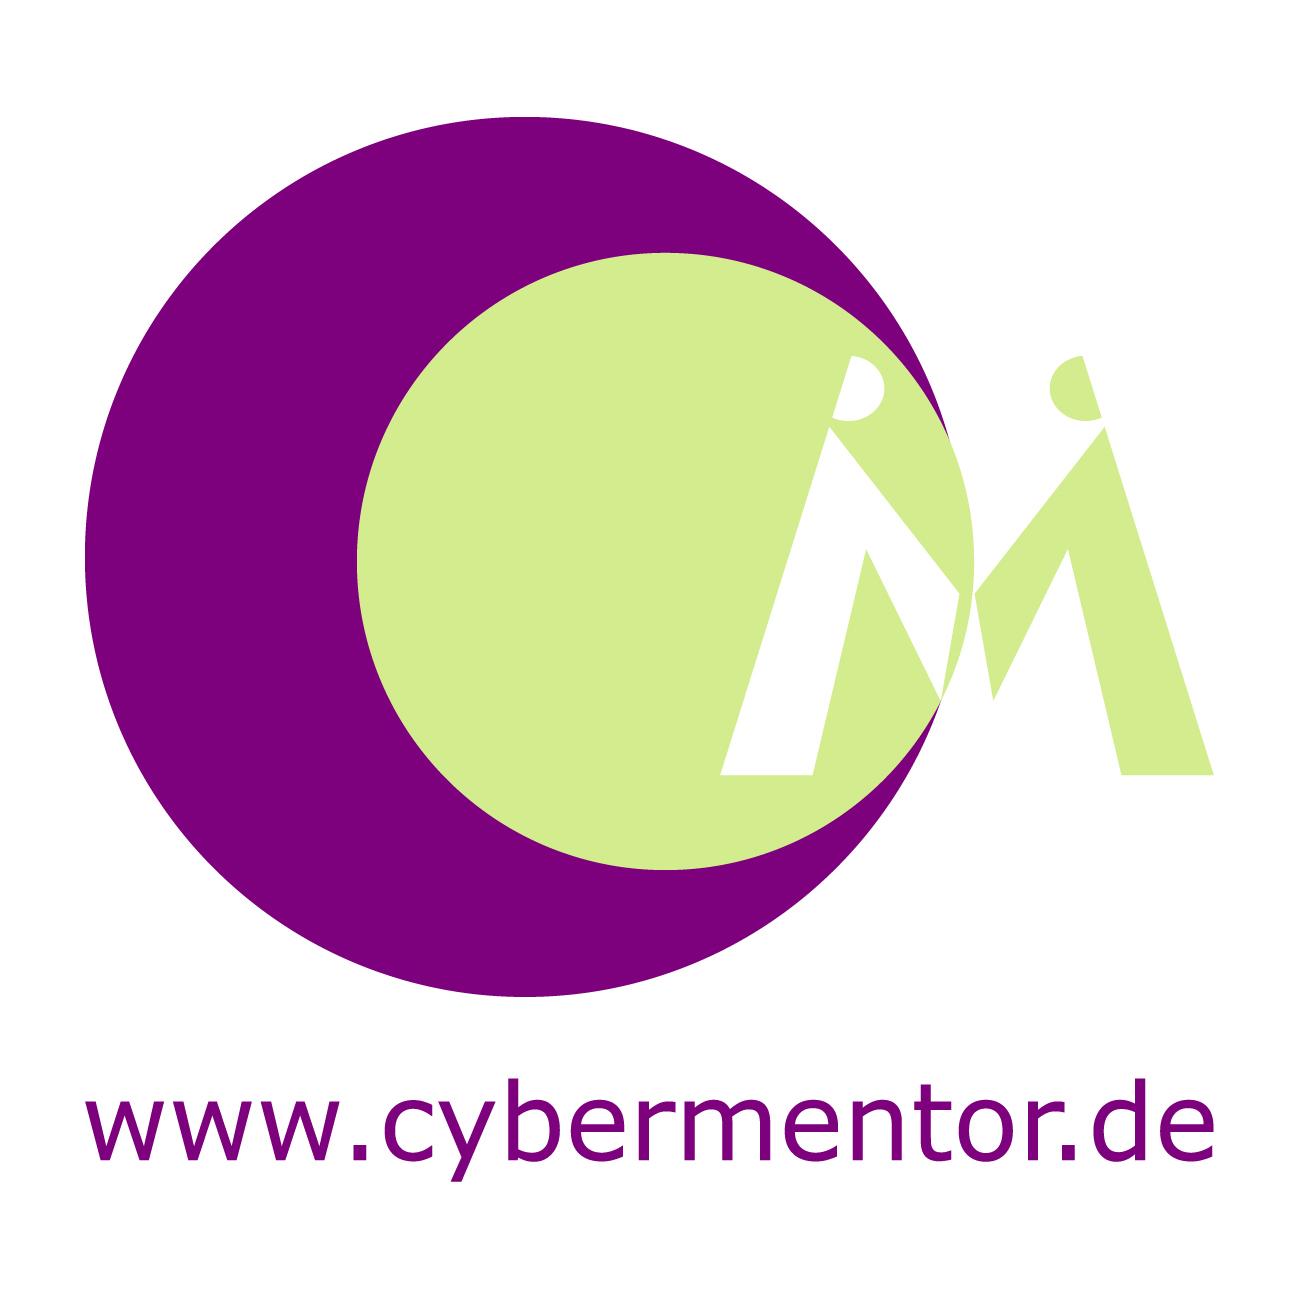 CyberMentor - Die Online-MINT-Plattform für Mädchen und Frauen-Logo